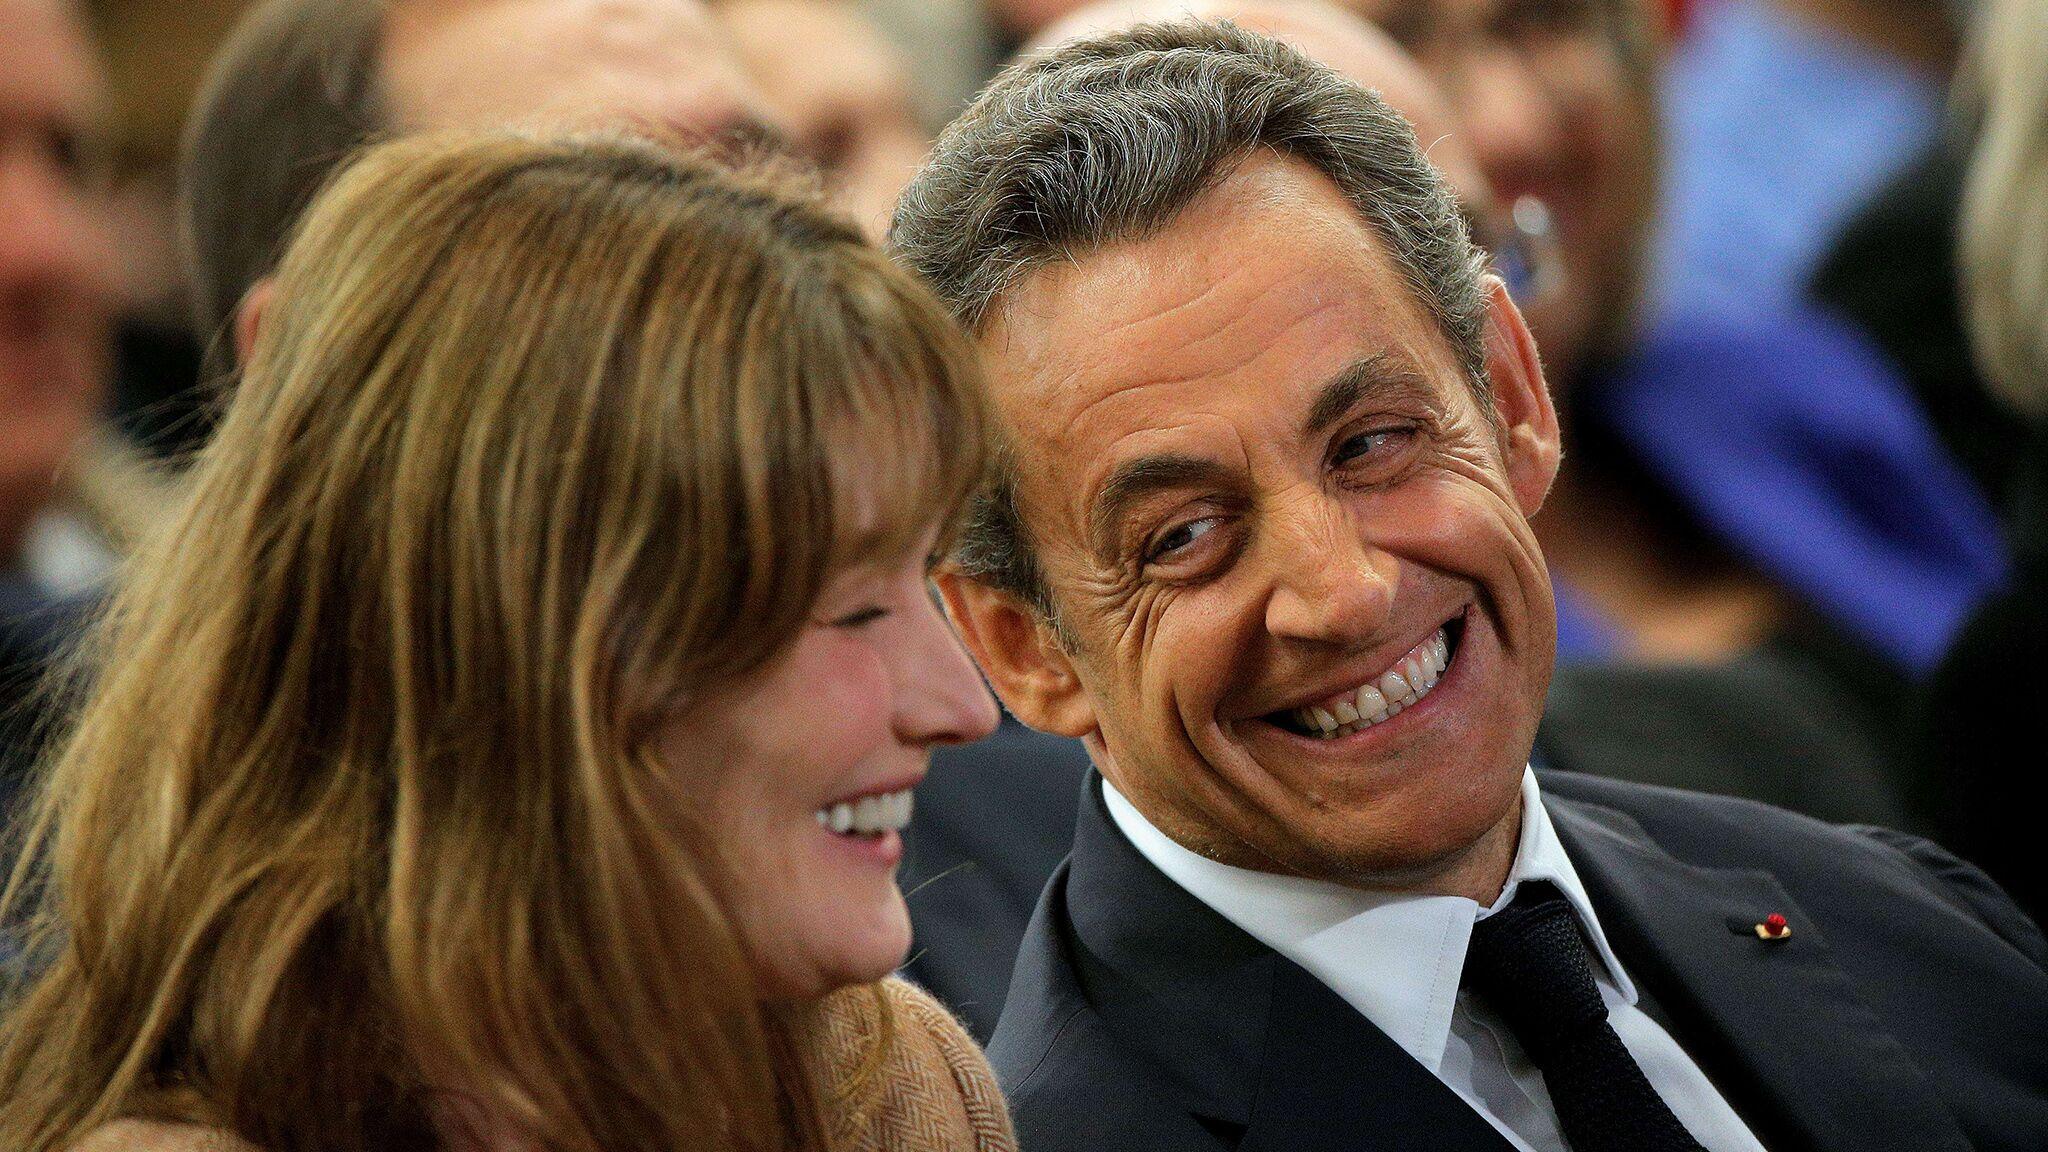 28c9519892 Comment Nicolas Sarkozy s est vanté devant ses ministres de la poitrine de  Carla Bruni - Voici